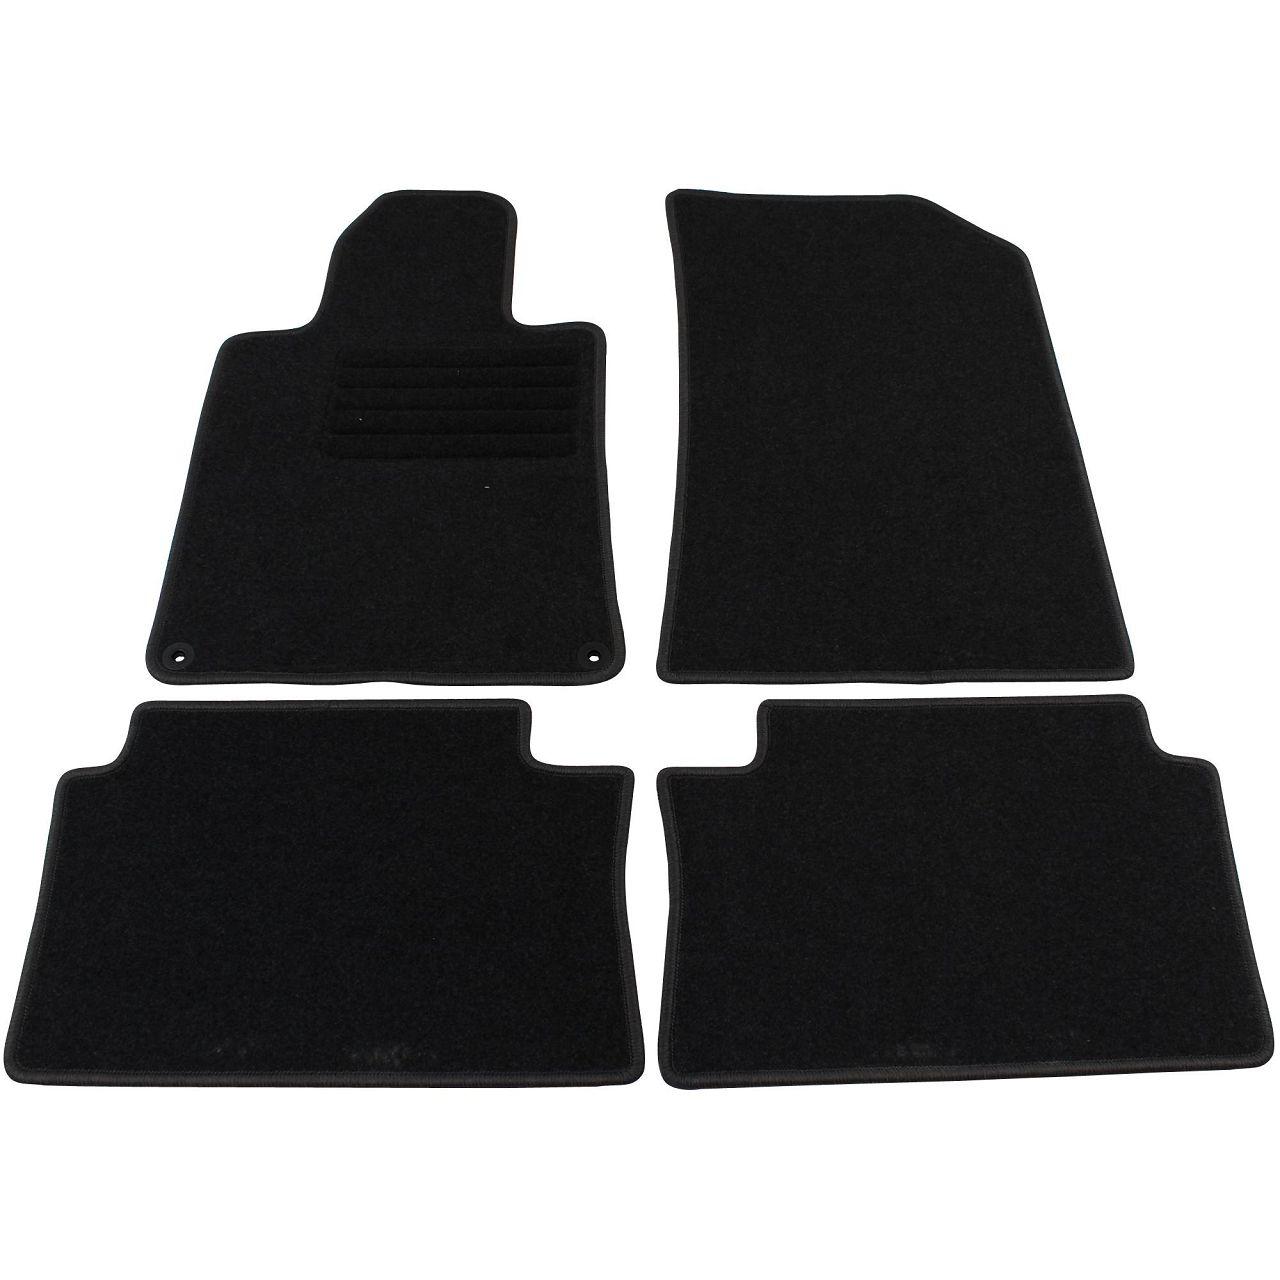 Veloursmatten Textilmatten Fußmatten Satz für Peugeot 508 / 508 SW 4-tlg